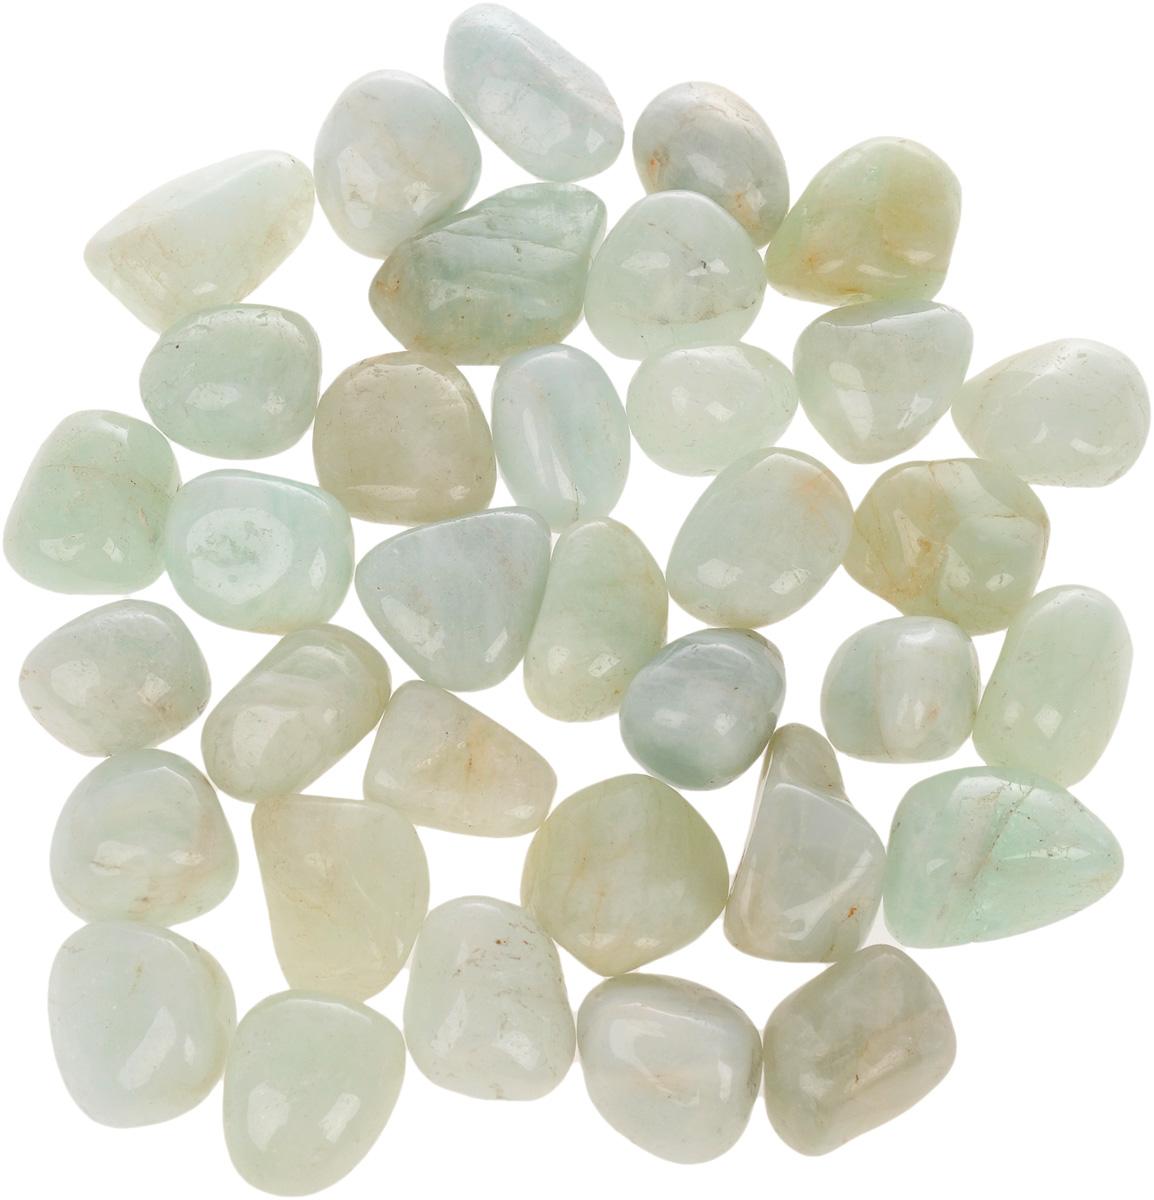 Кристаллы Lo Scarabeo Аквамарин, 500 гр. CR01CR01Камни в виде кристаллов могут использоваться в астрологических гаданиях, а также как амулет или талисман. В зависимости от свойств камня можно выбирать и принцип его применения. Обращаем ваше внимание, что упаковка может содержать различное количество кристаллов (20-35 штук).